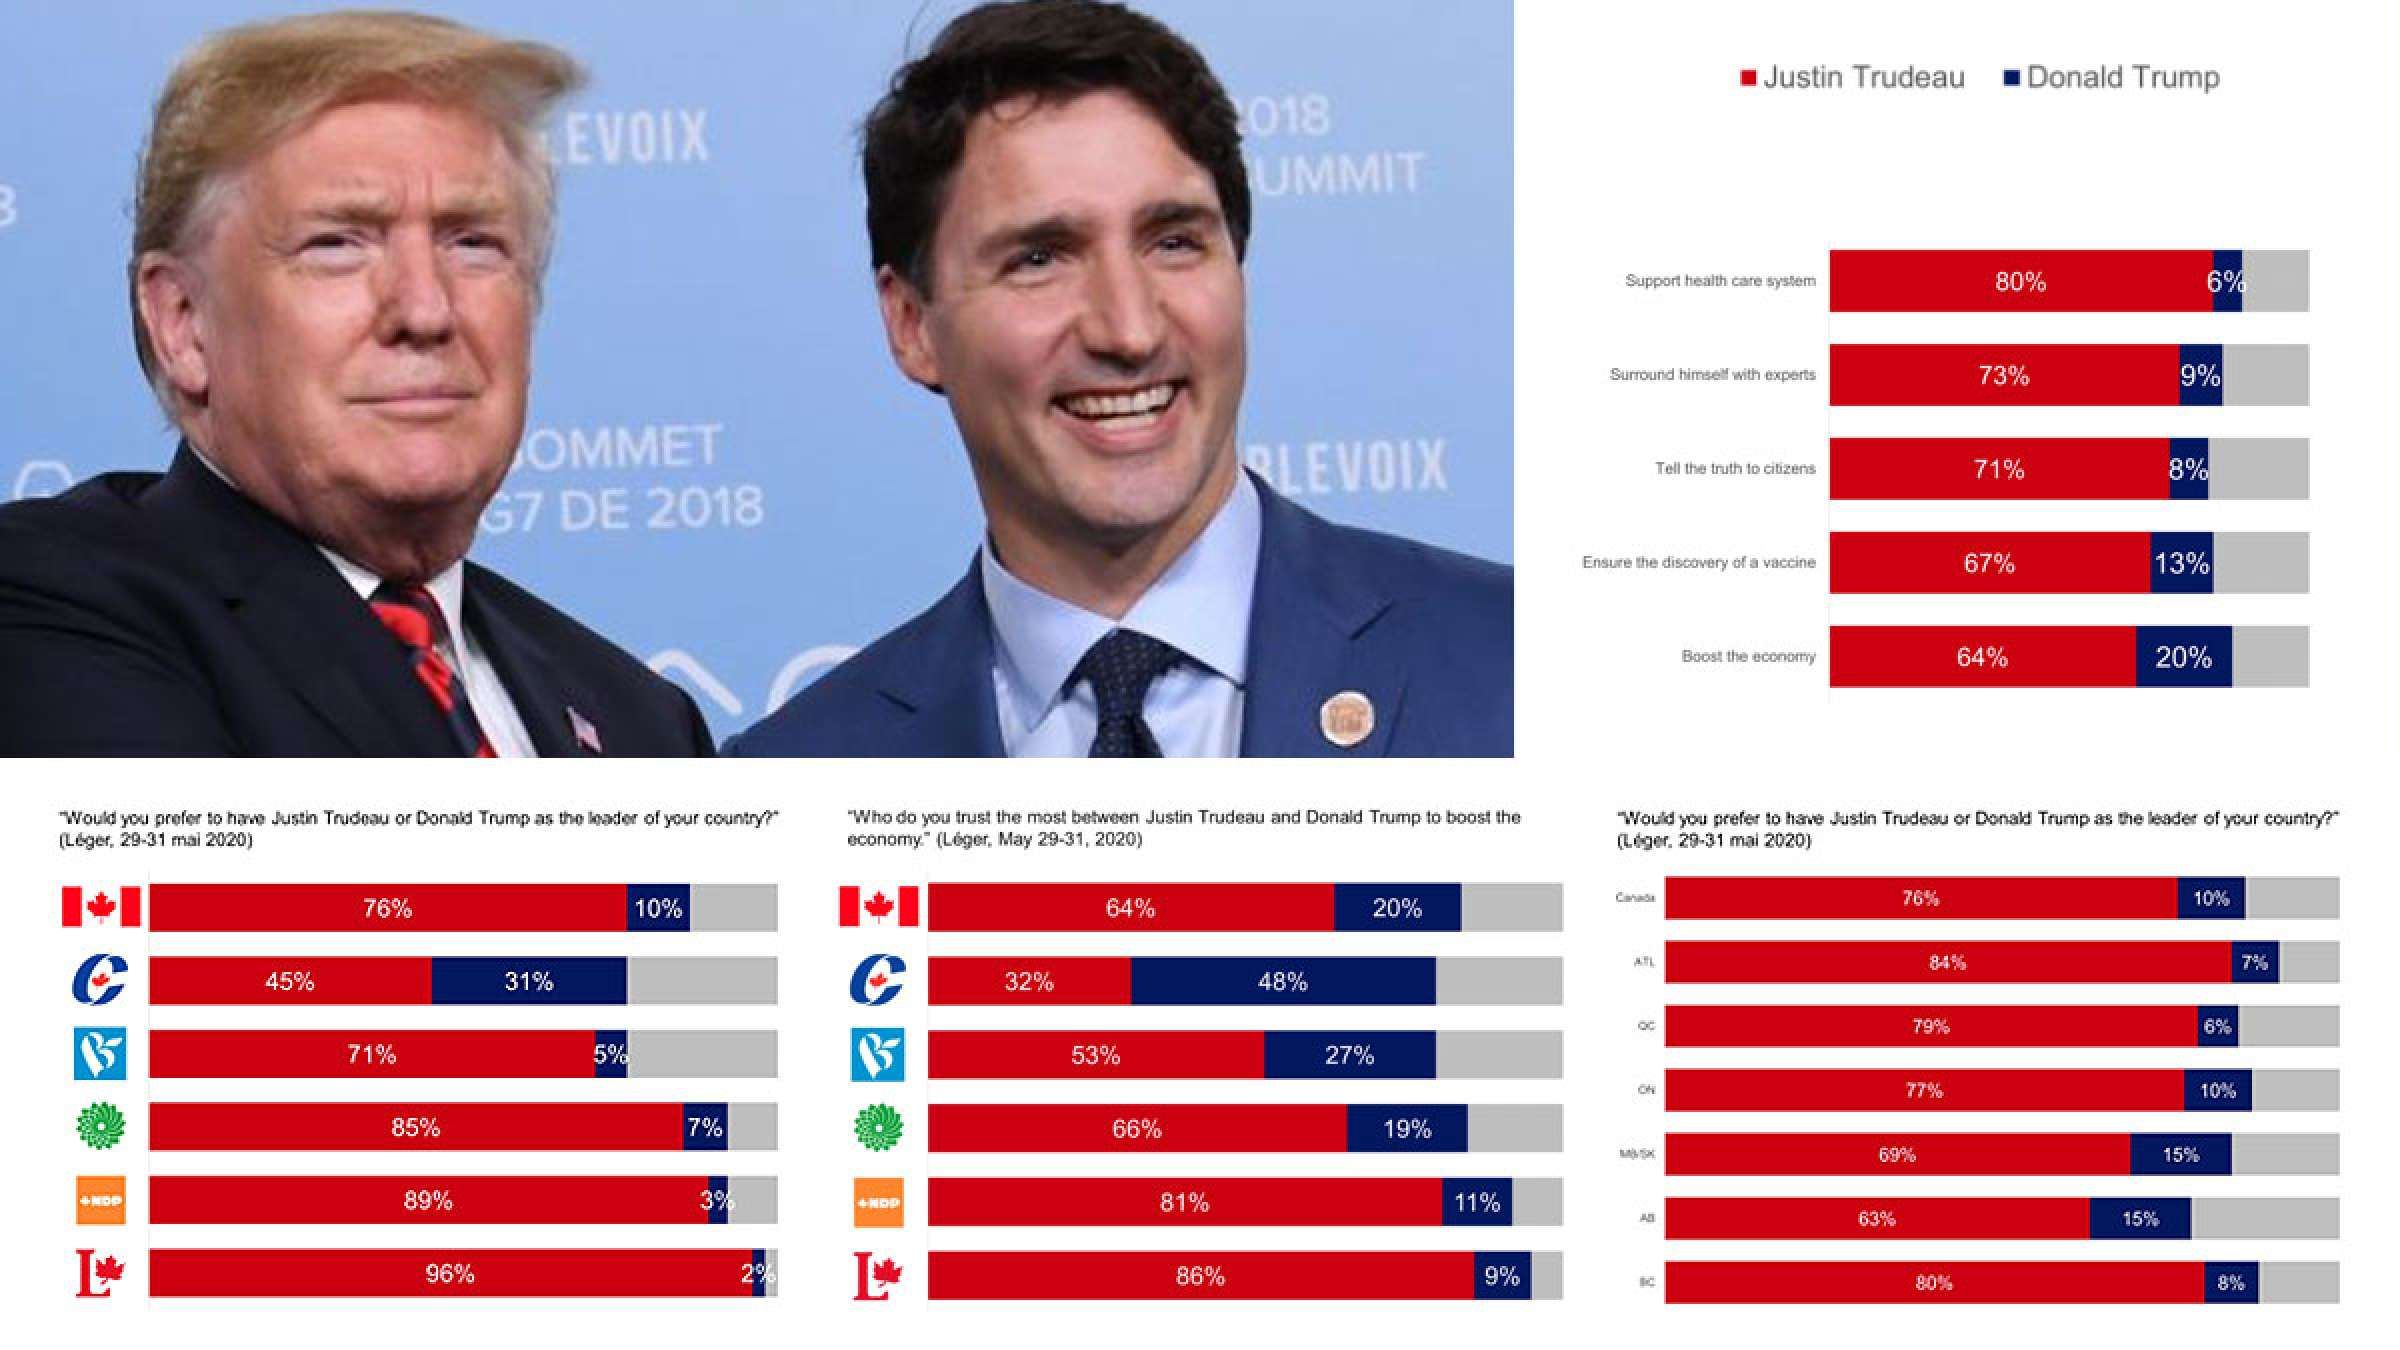 اخبار-کانادا-طرفداران-کانادایی-ترامپ-چه-کسانی-هستند